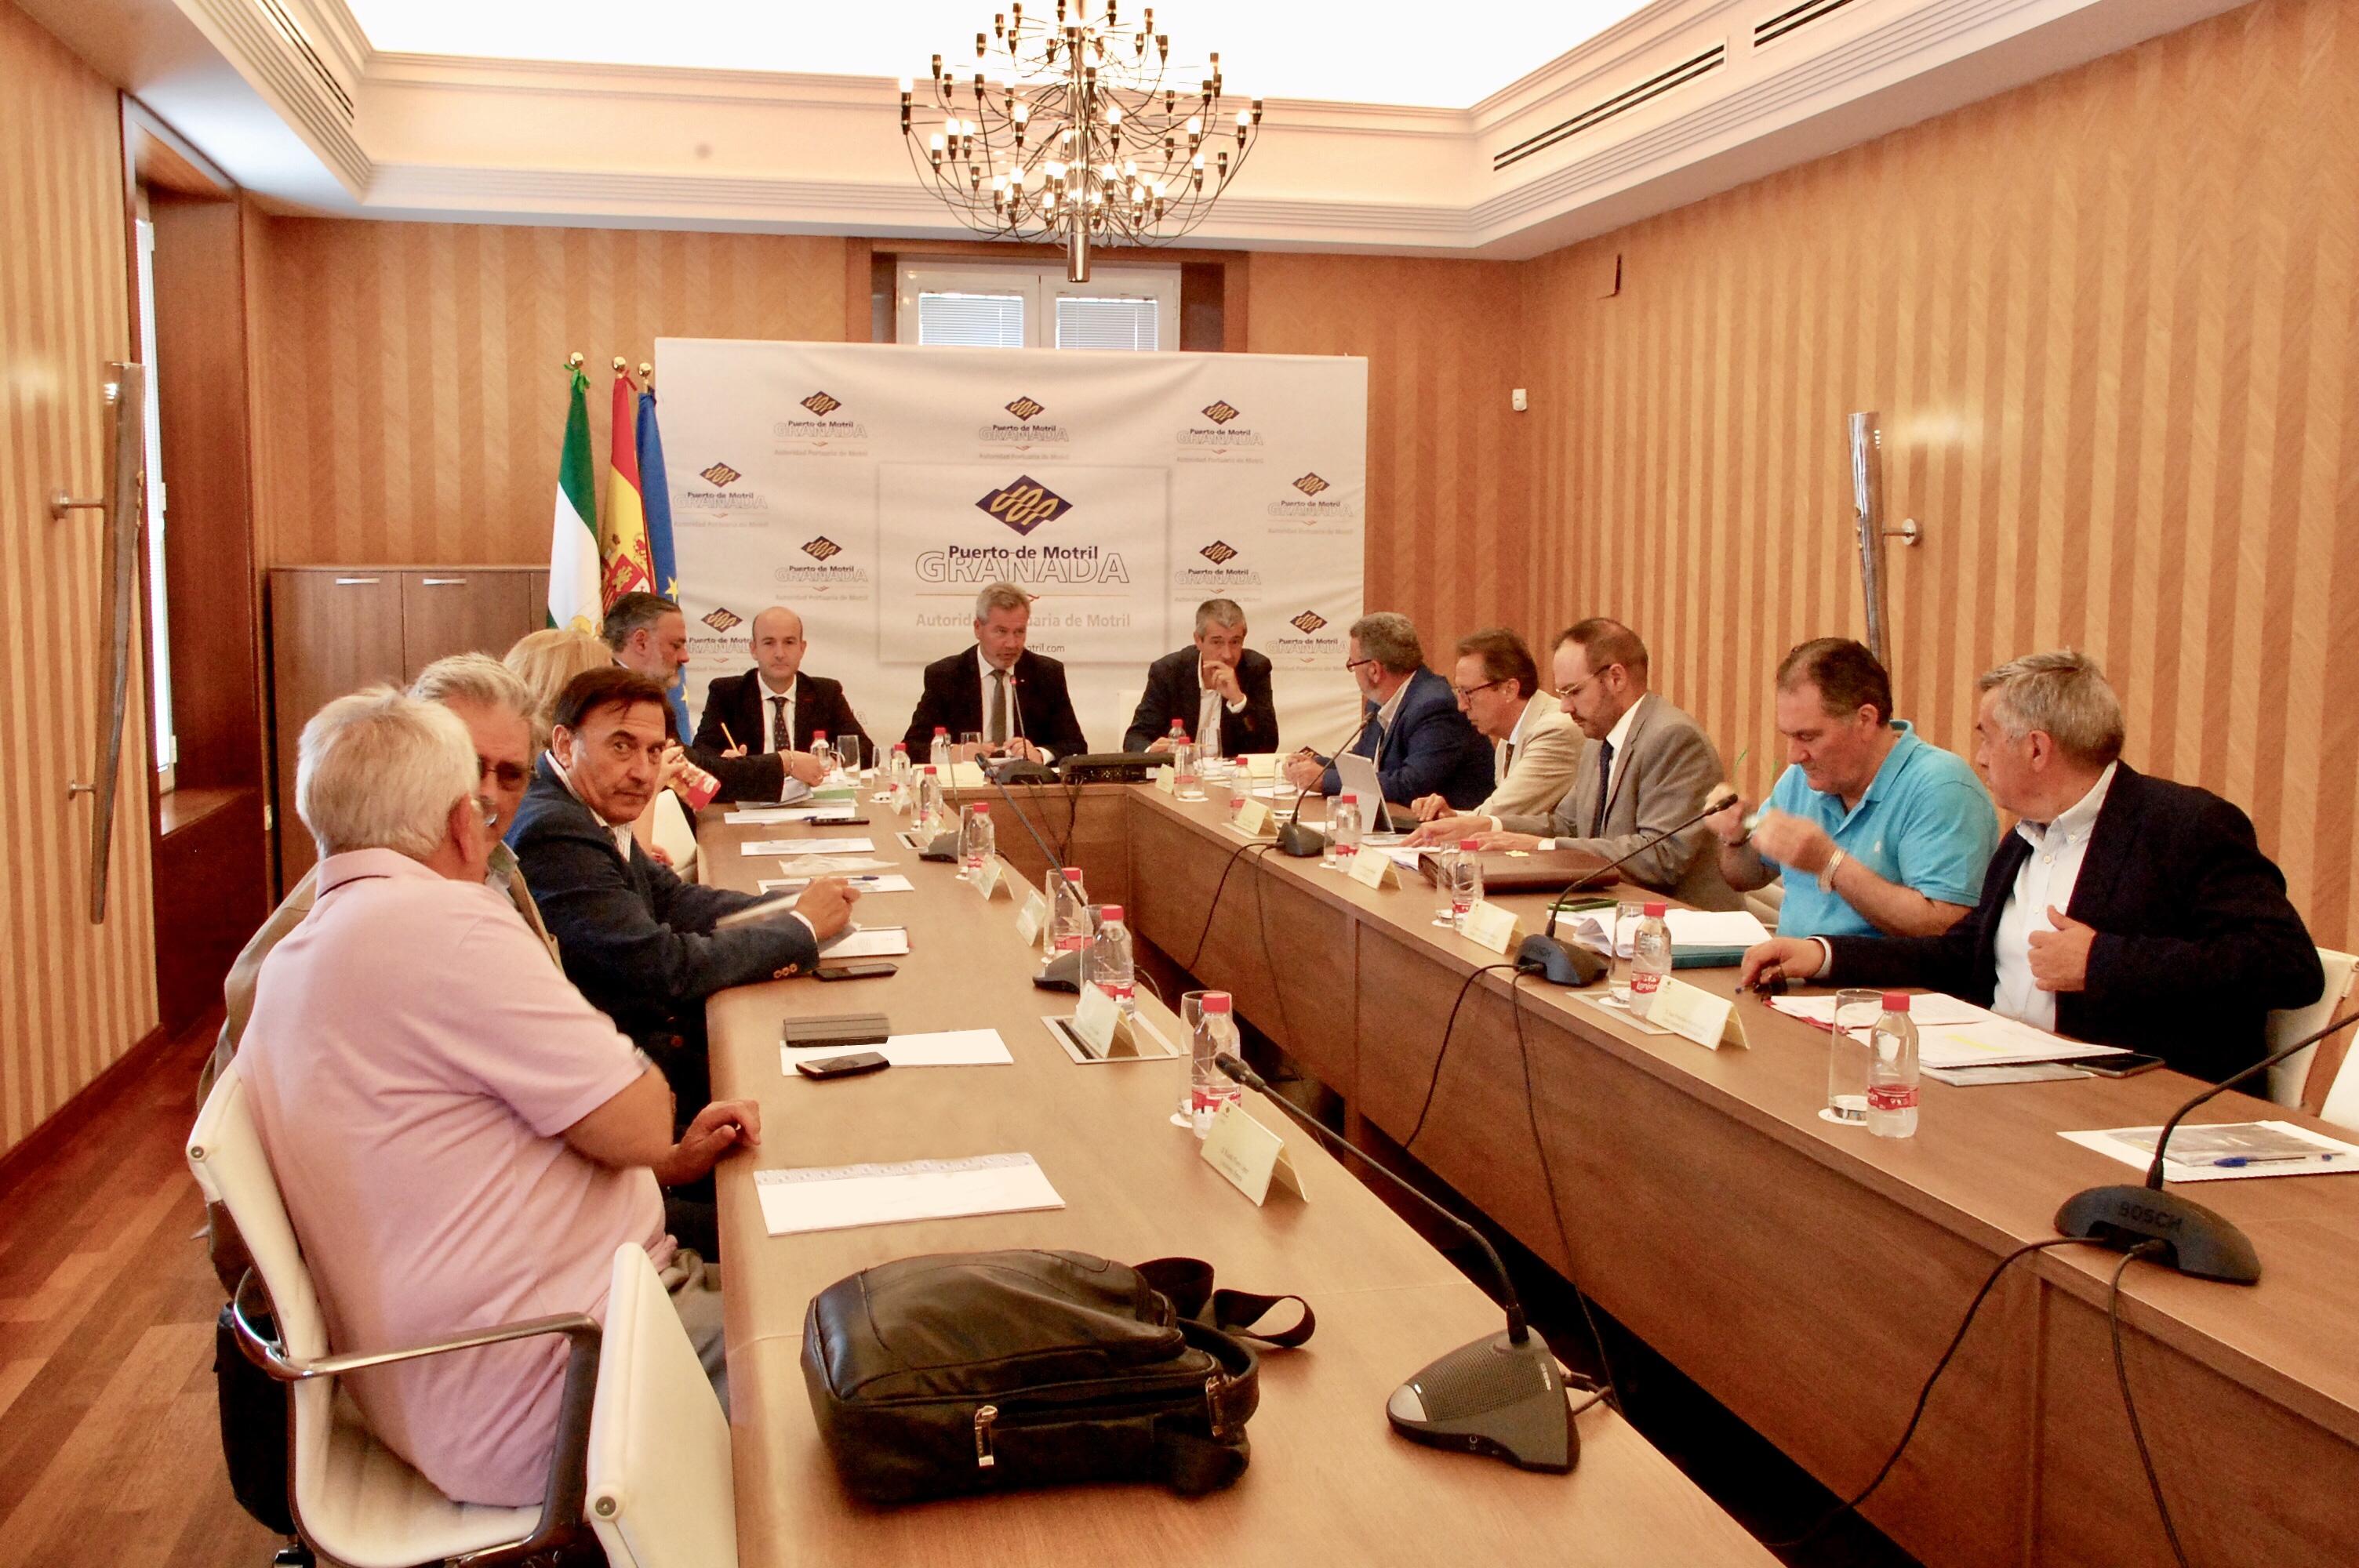 Reunión del consejo de administración